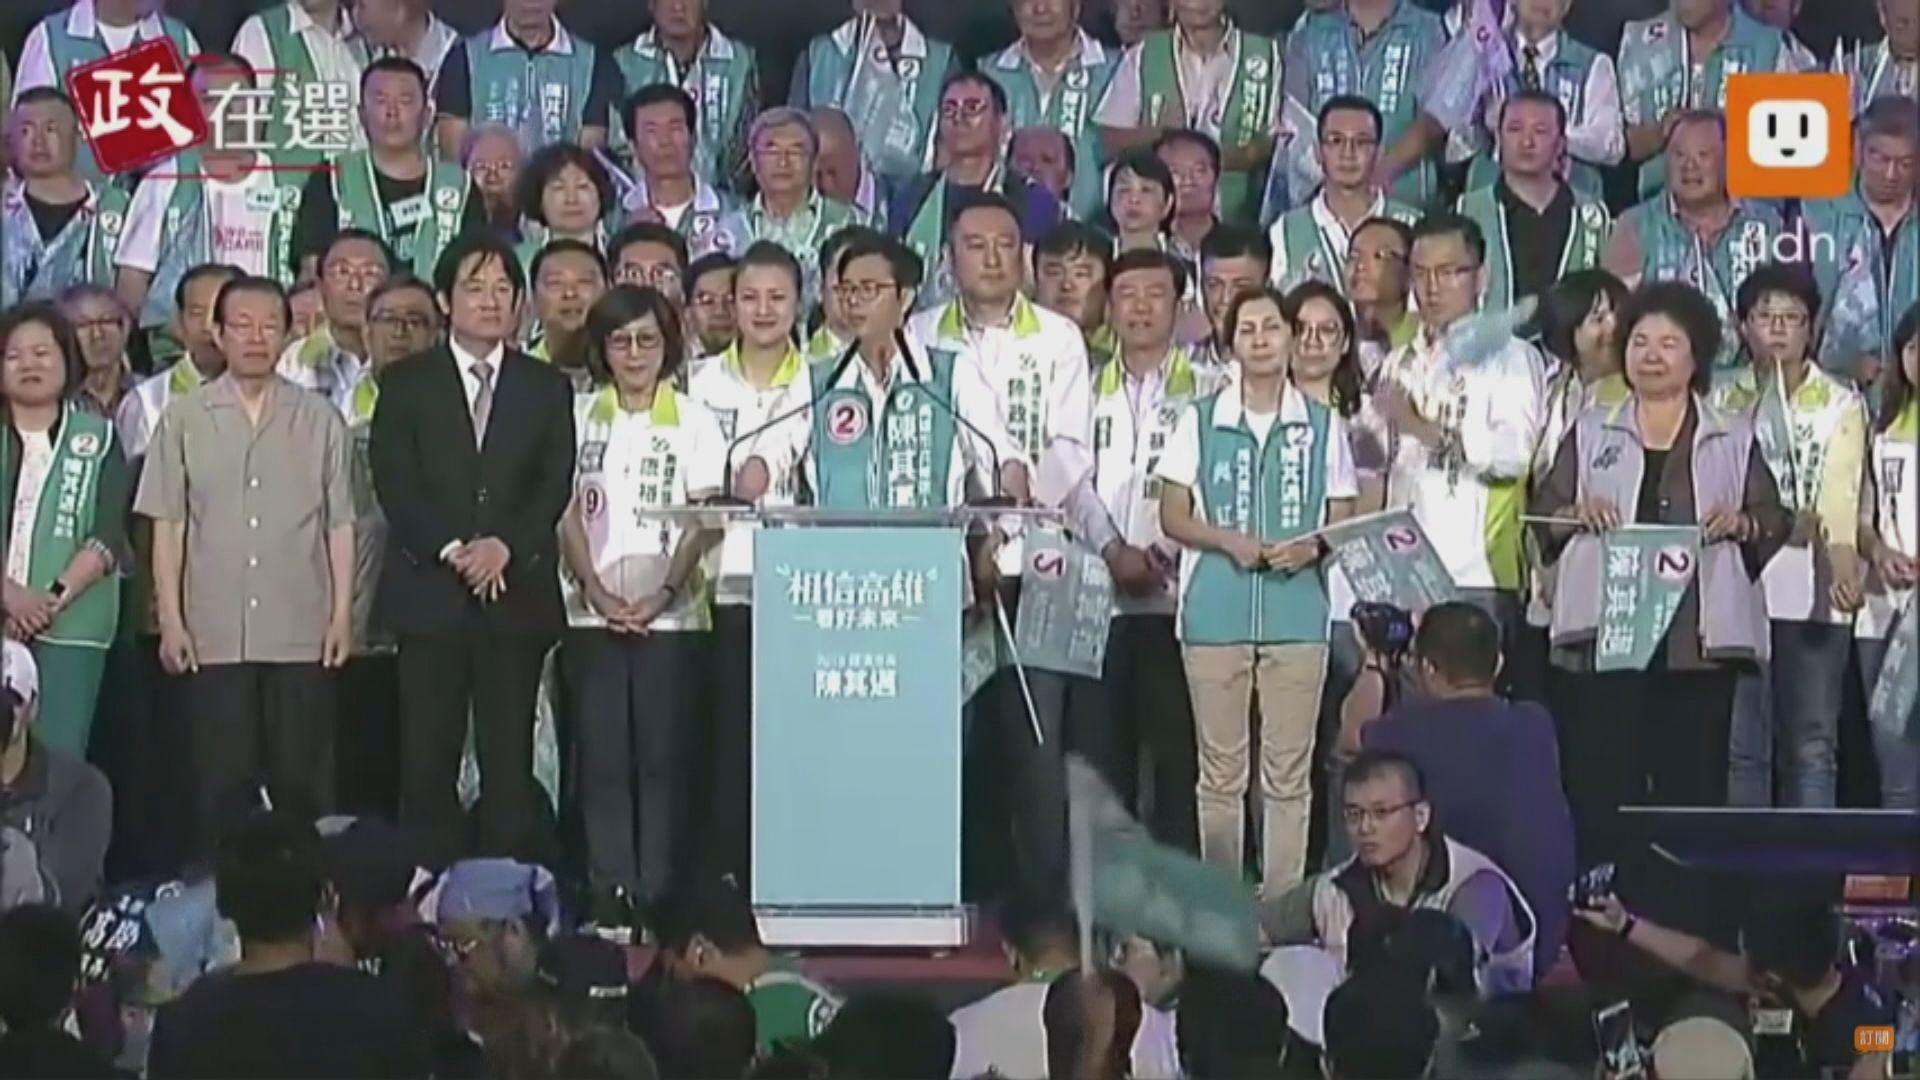 陳其邁獲綠營多名重量級領袖站台